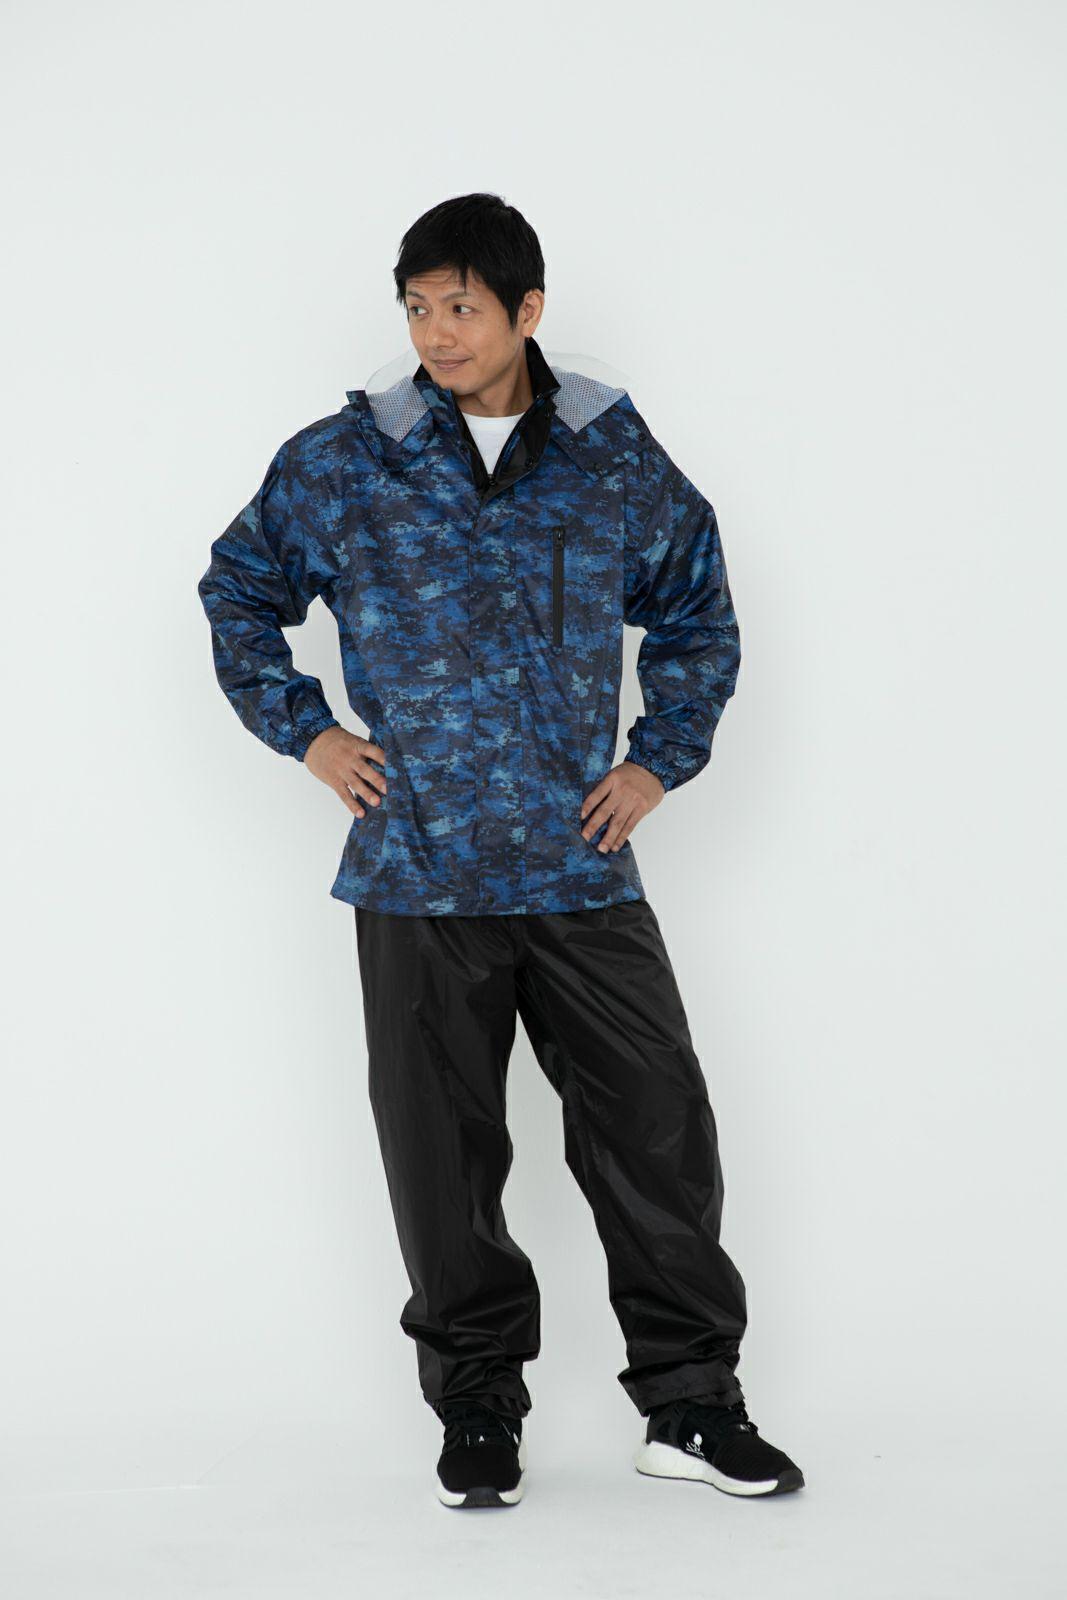 詳細:着用イメージ デジカモ ジッパークローズ  [男性モデルのサイズ]身長:174cm 着用サイズ:L